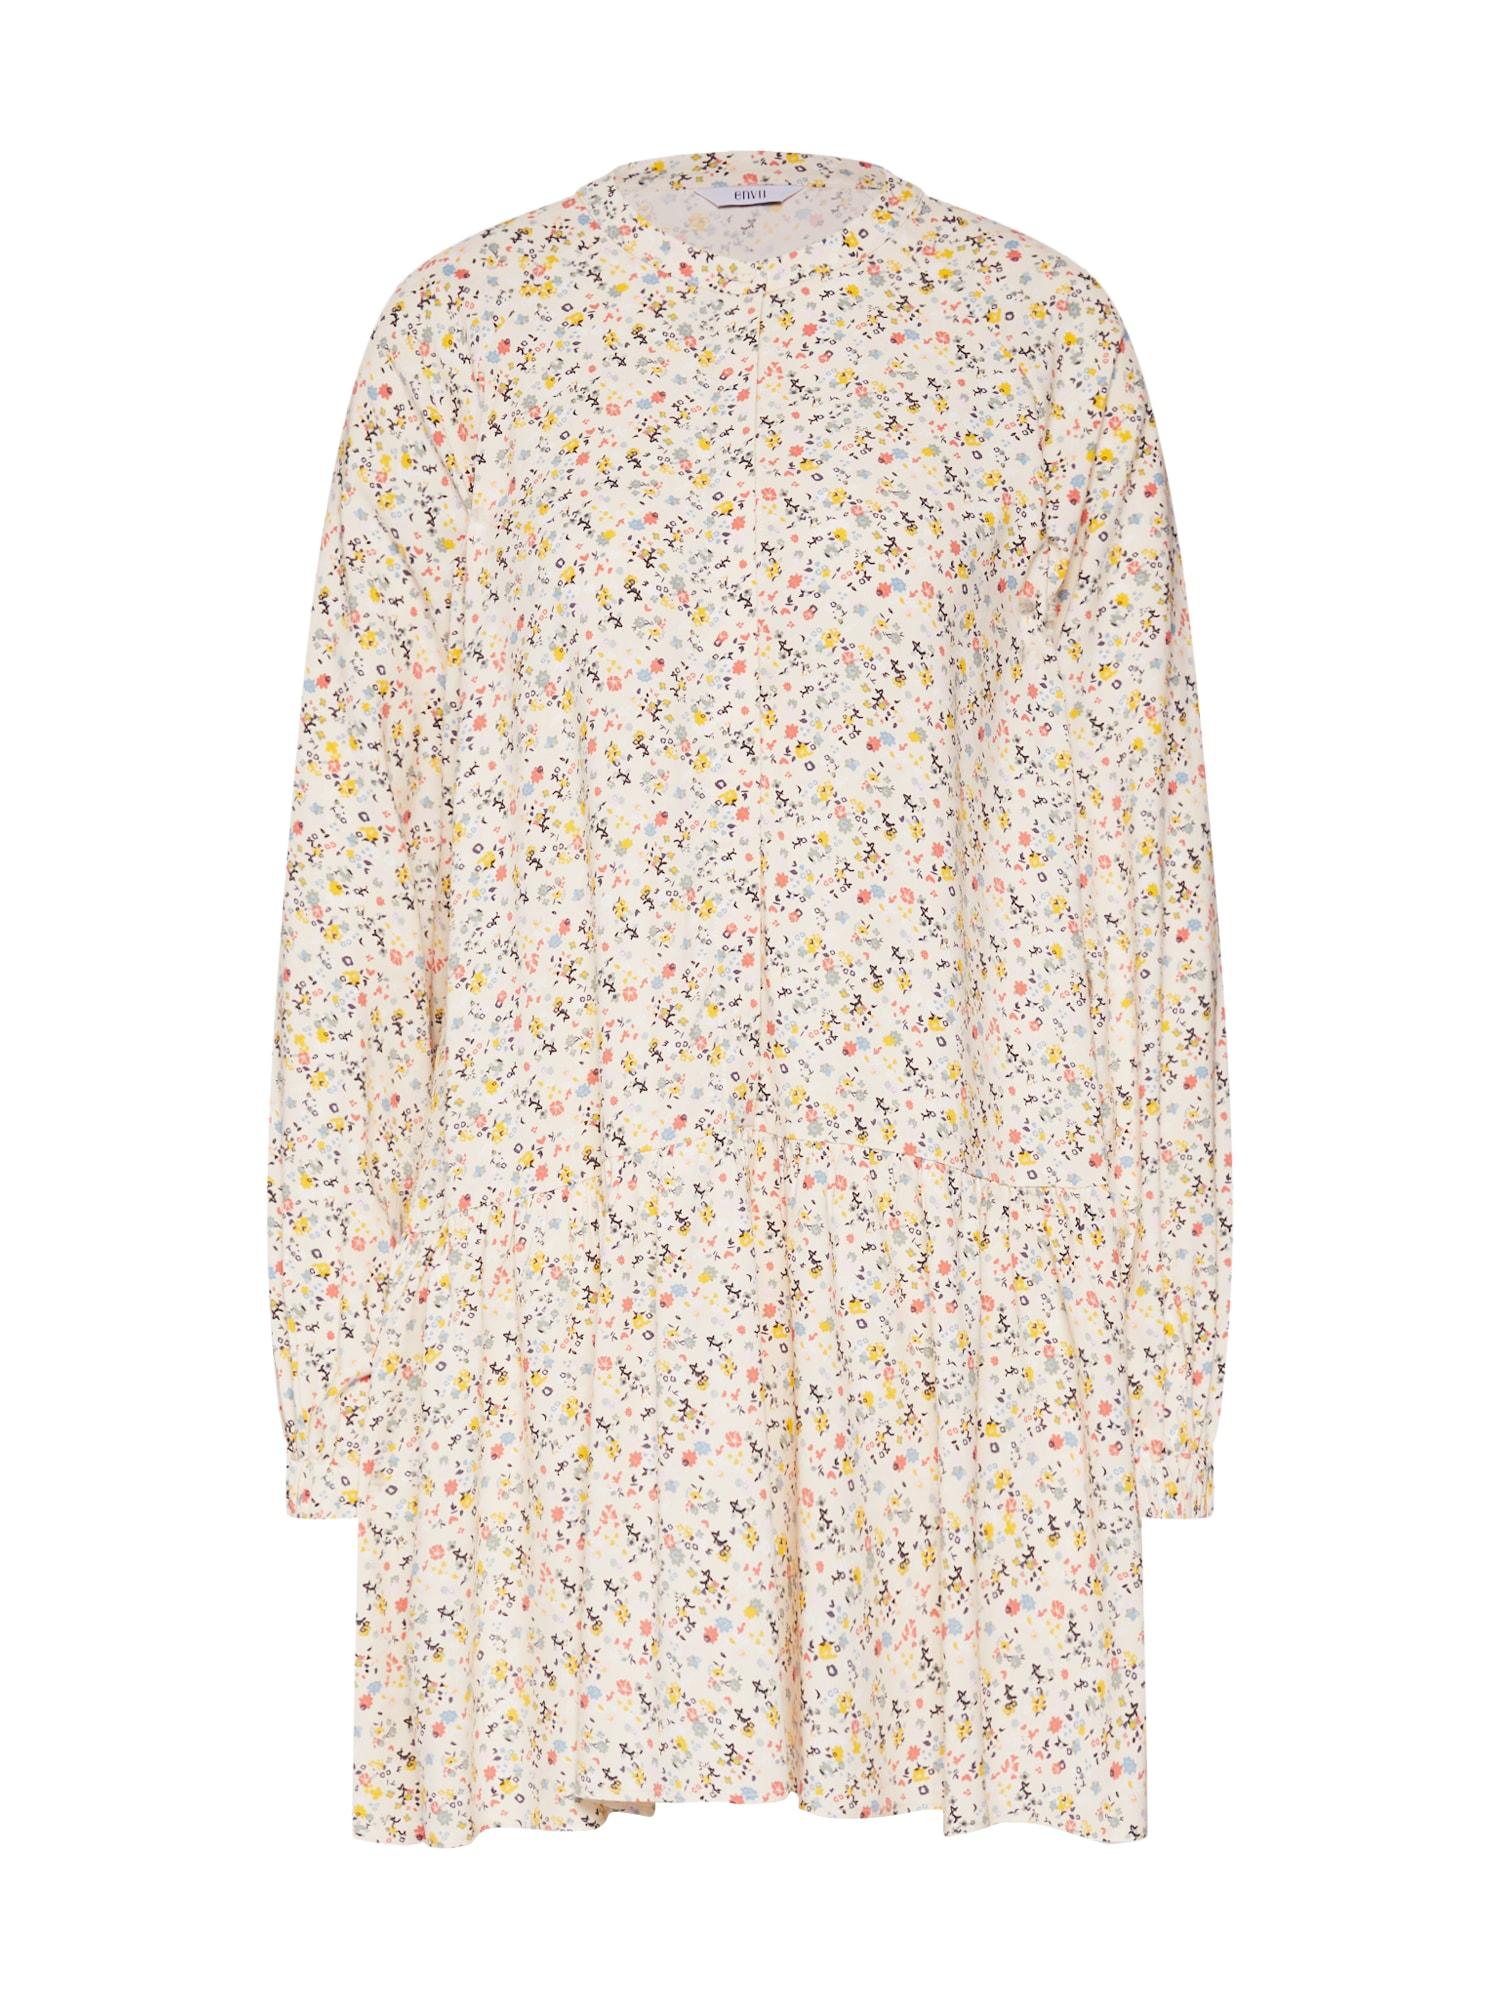 Košilové šaty ENART LS DRESS AOP béžová mix barev Envii